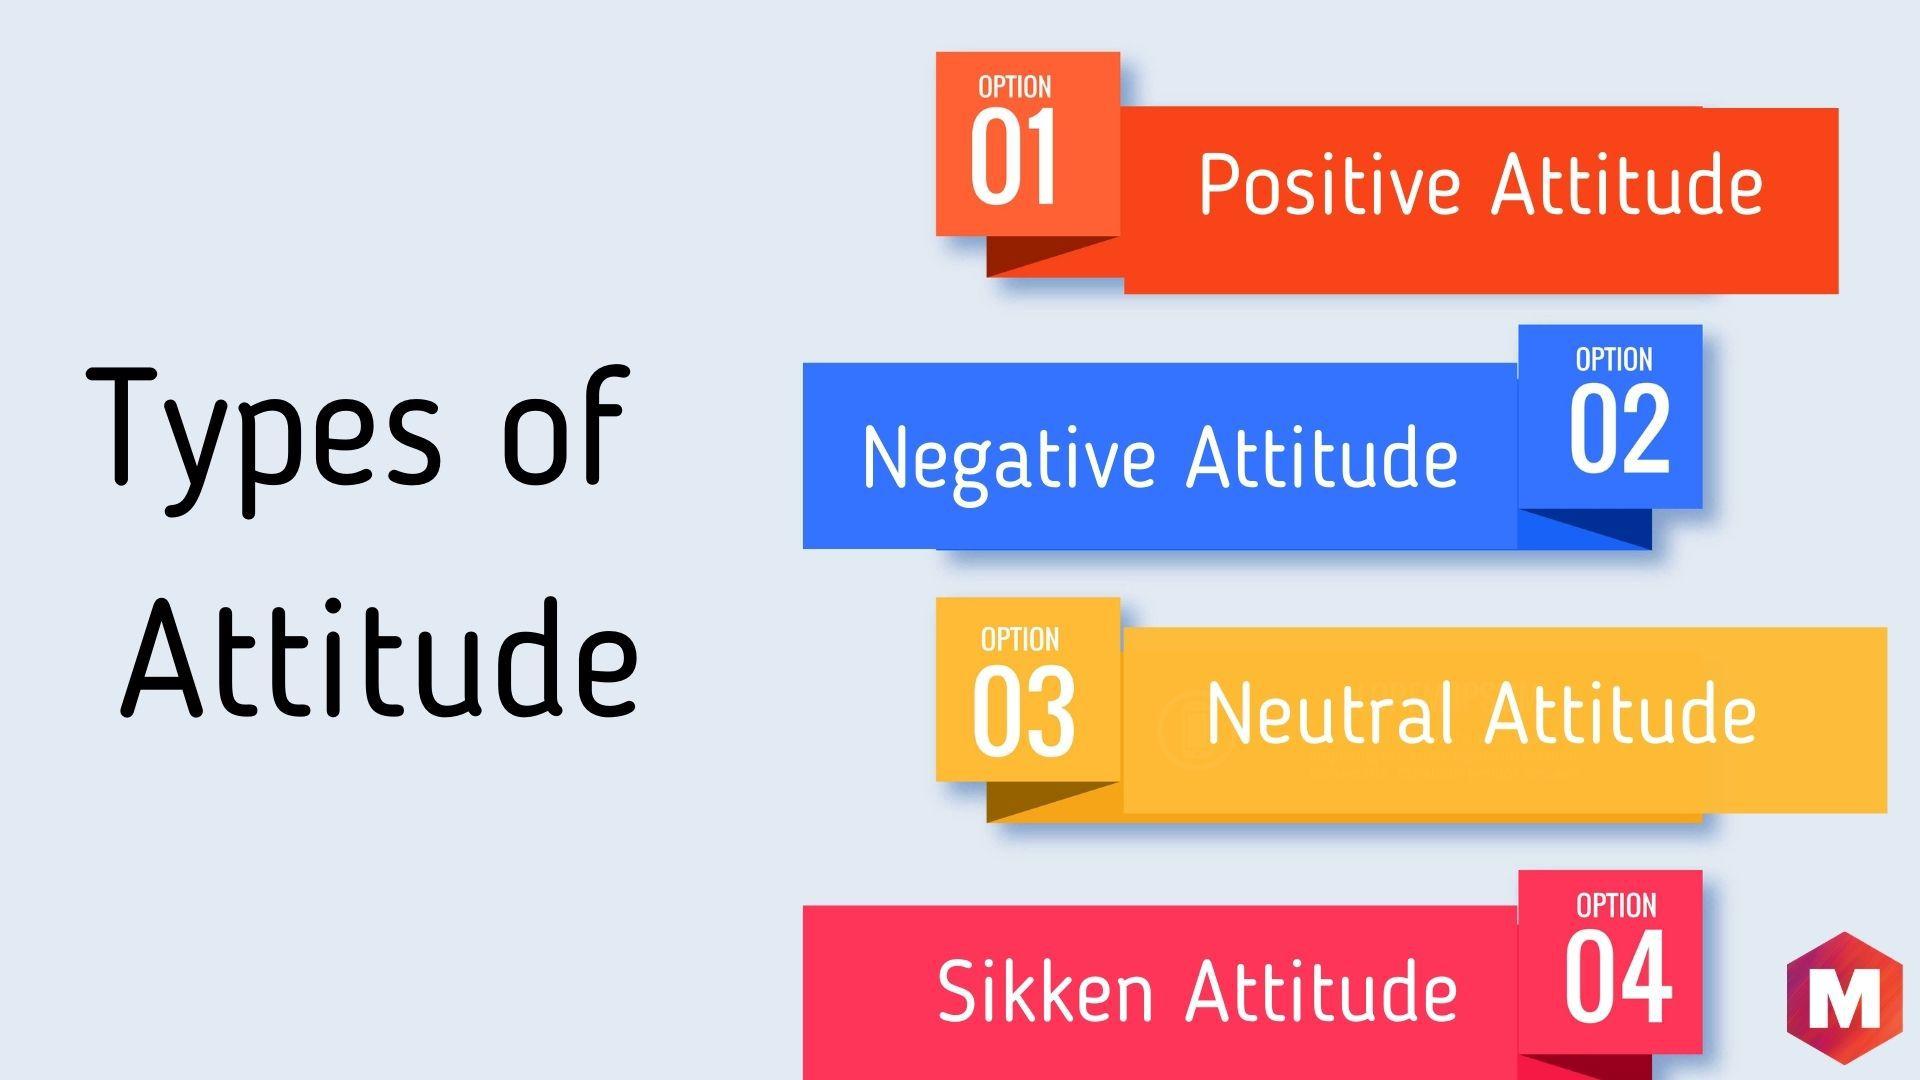 Types of Attitude